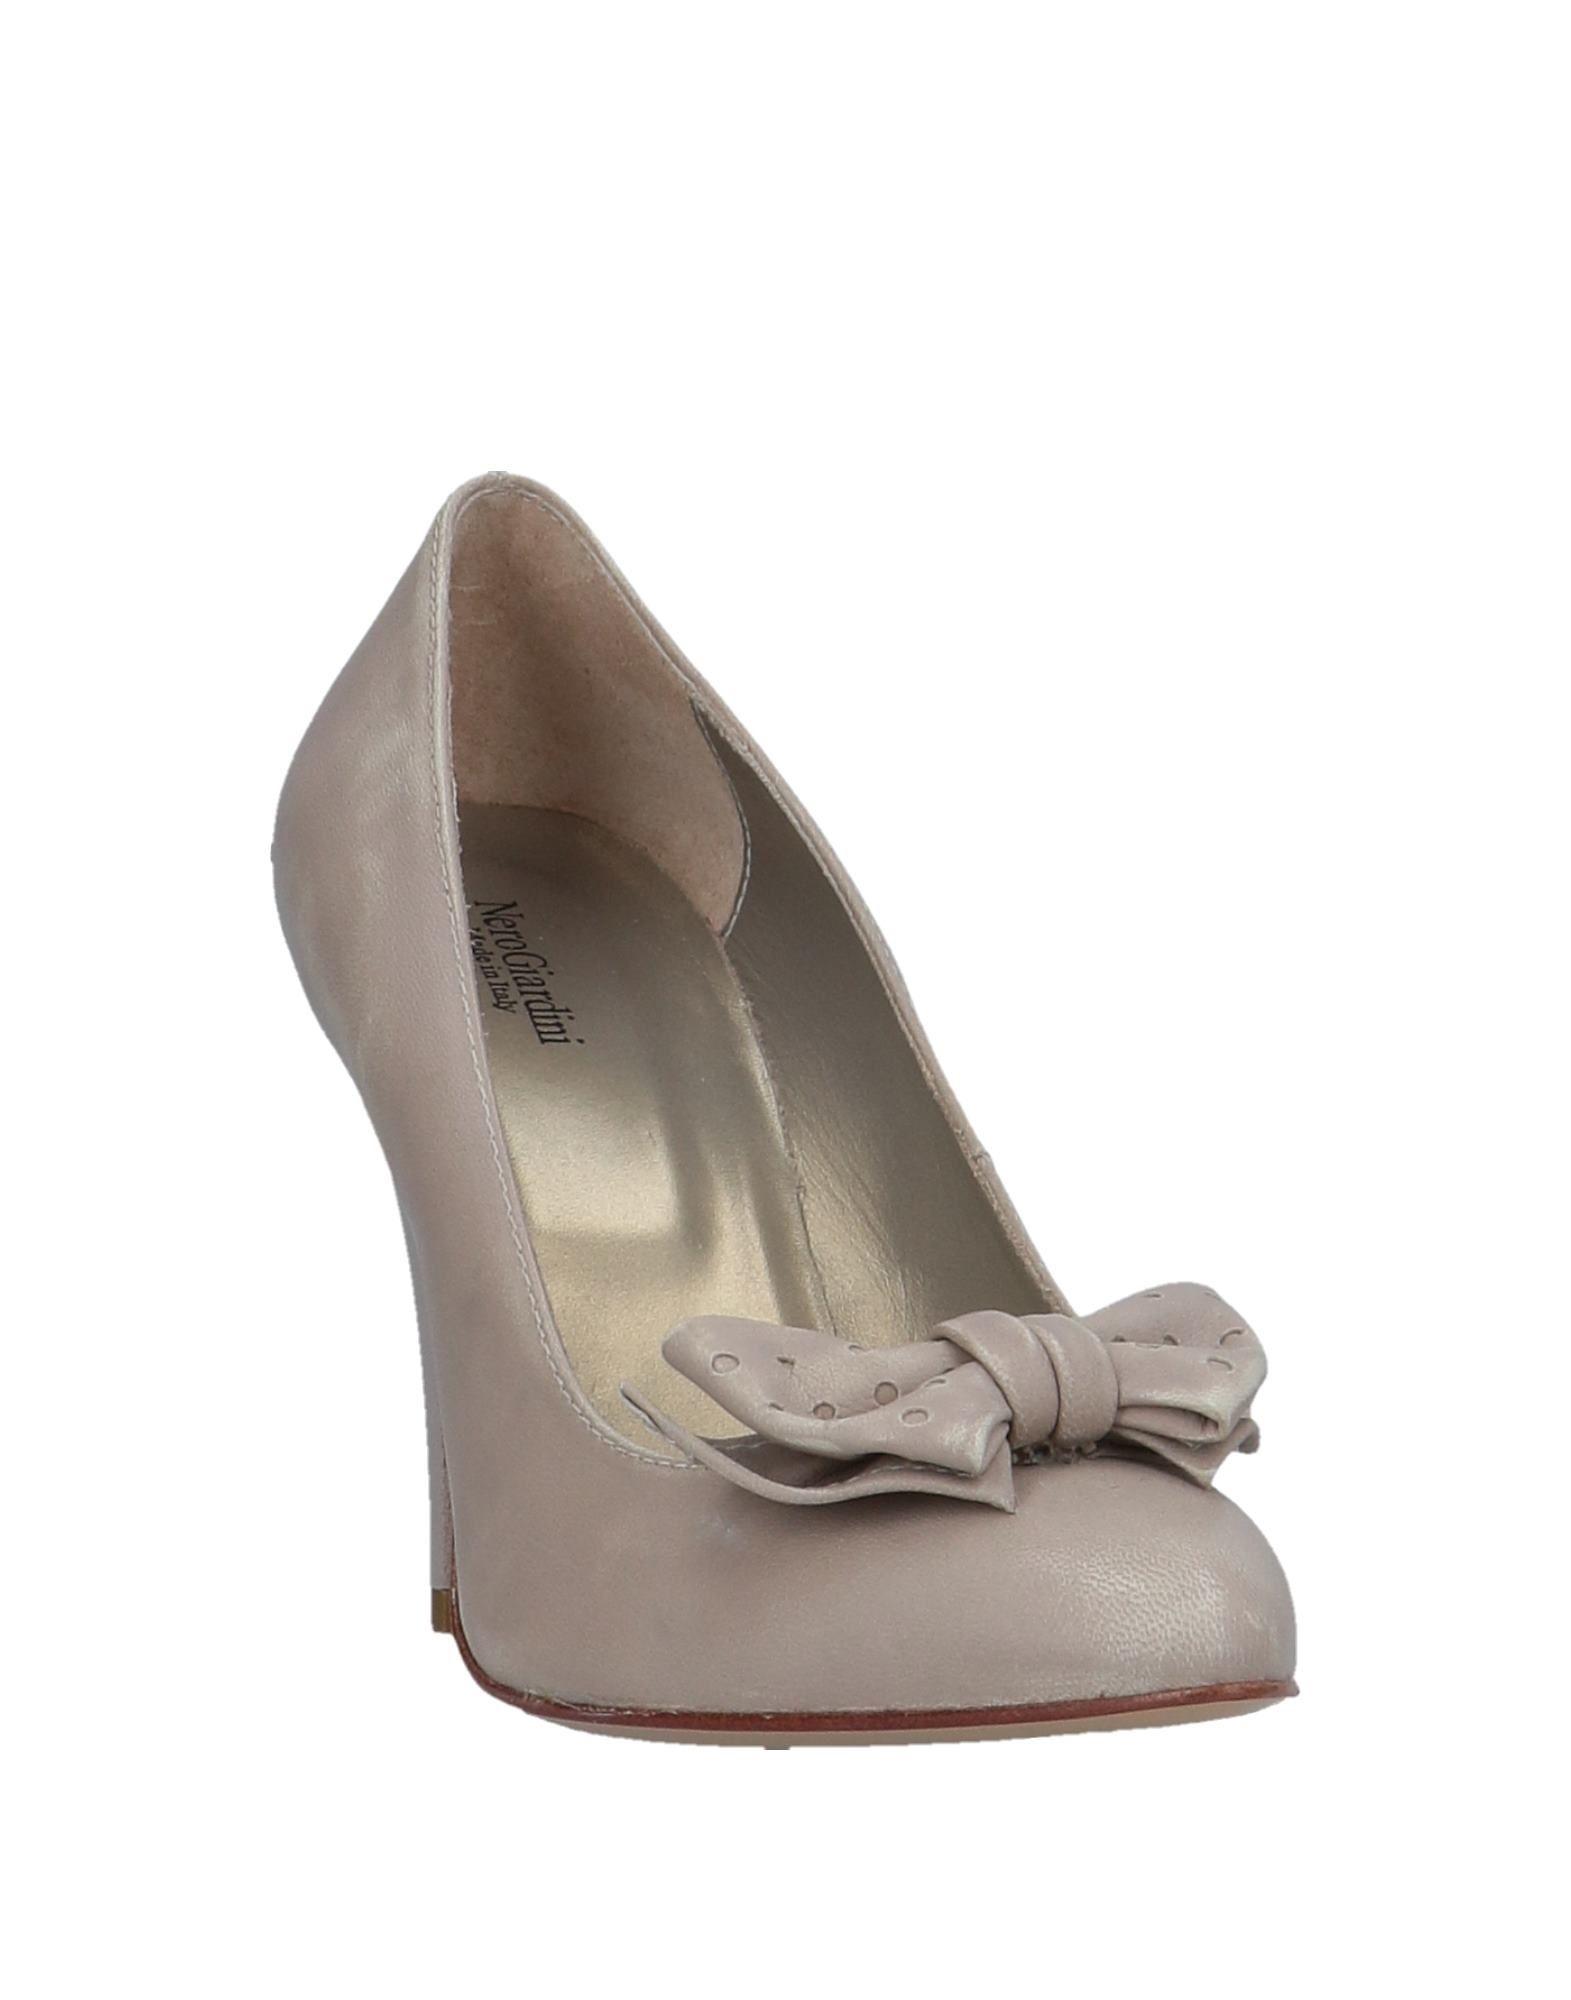 Nero Giardini Pumps Damen  11537691GR Schuhe Gute Qualität beliebte Schuhe 11537691GR 5a8d50